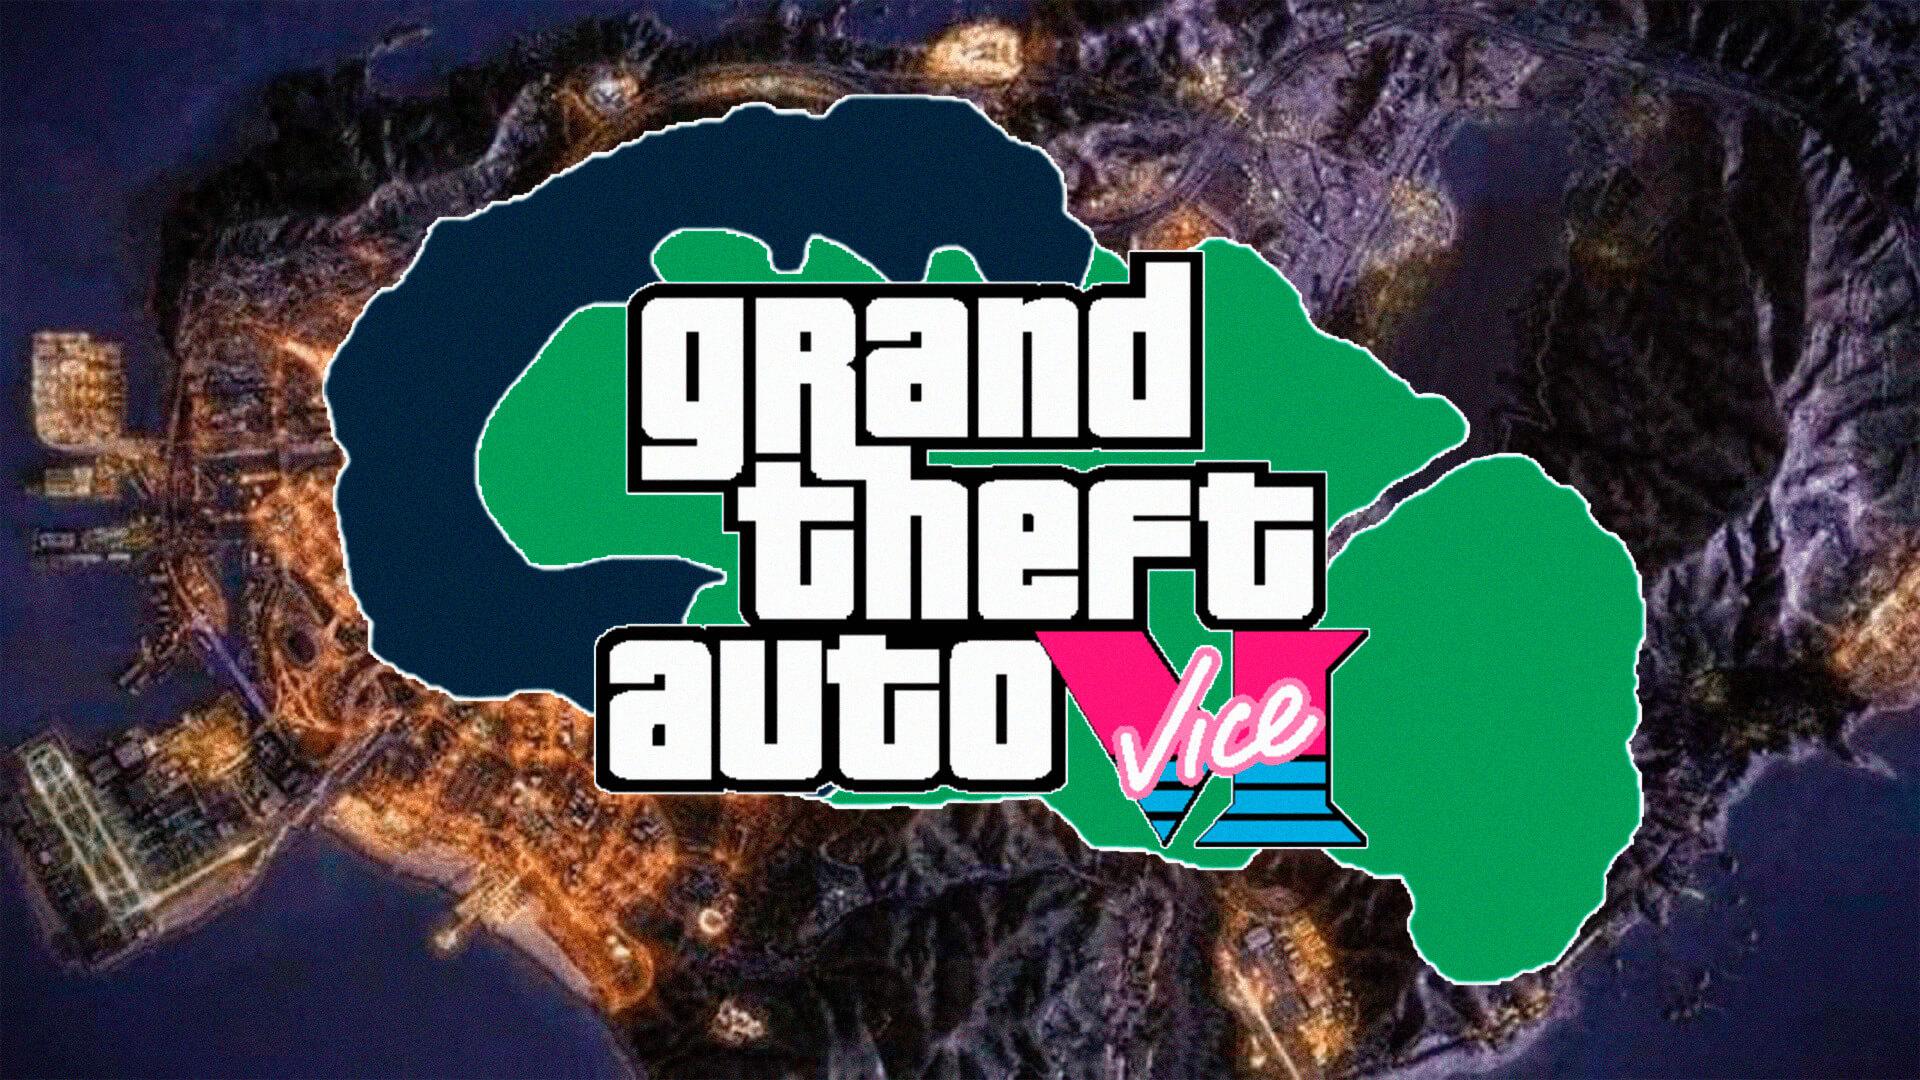 Um suposto mapa de GTA 6 recebeu agora mais uma imagem, este é aquele mapa de Vice City que ficou bastante conhecido em 2020.